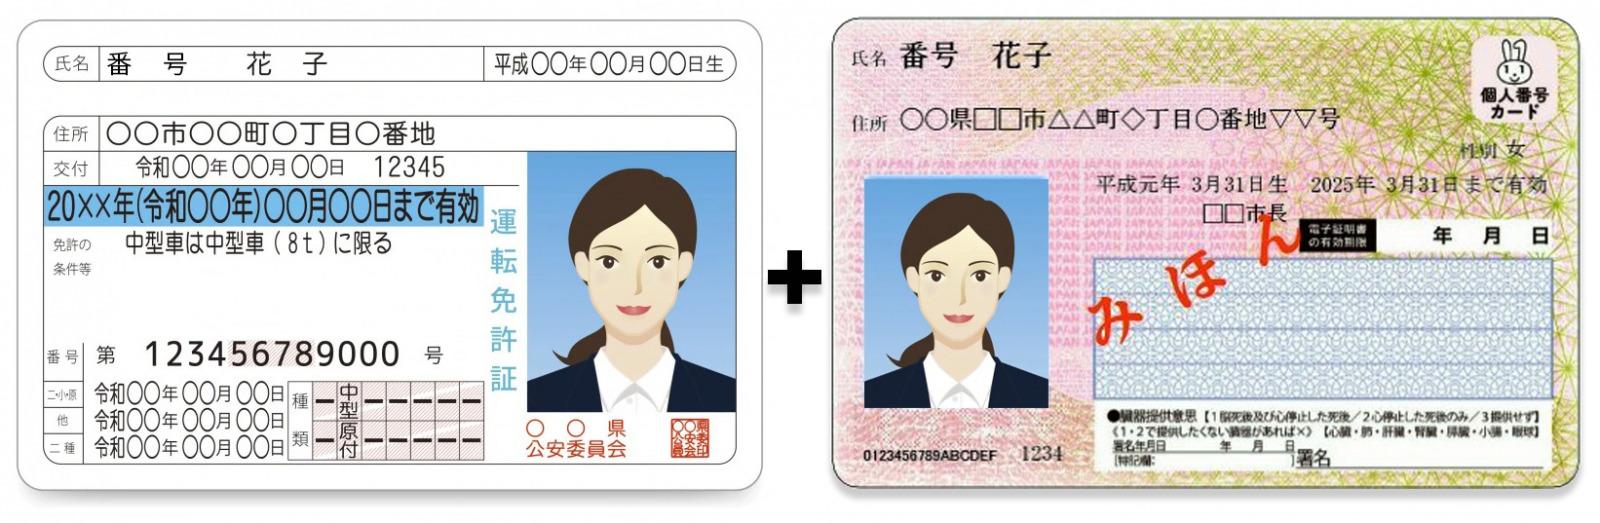 運転免許証とマイナンバーカード(サンプル)